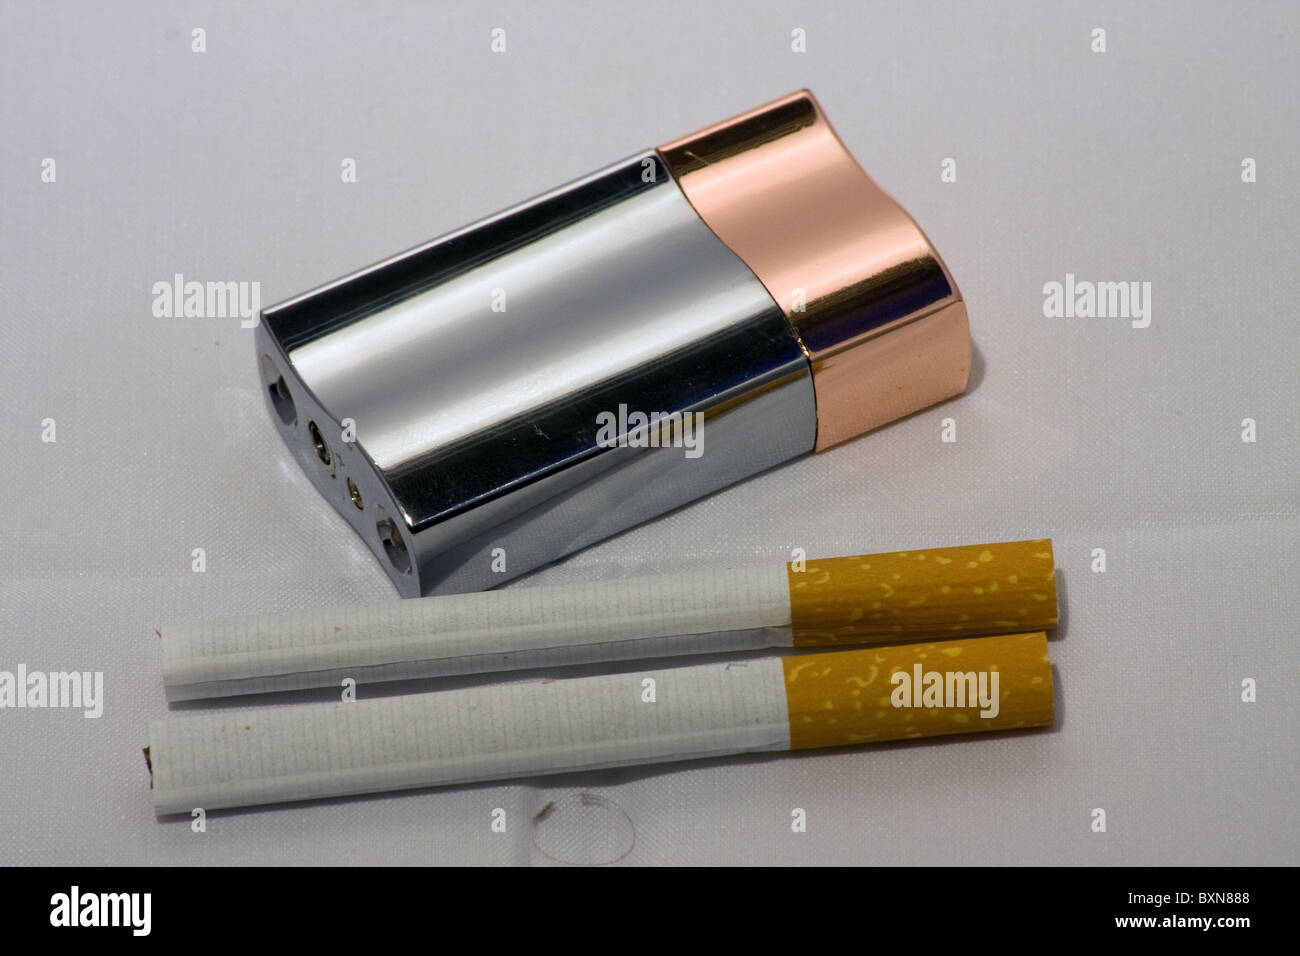 Ted williams cigarette